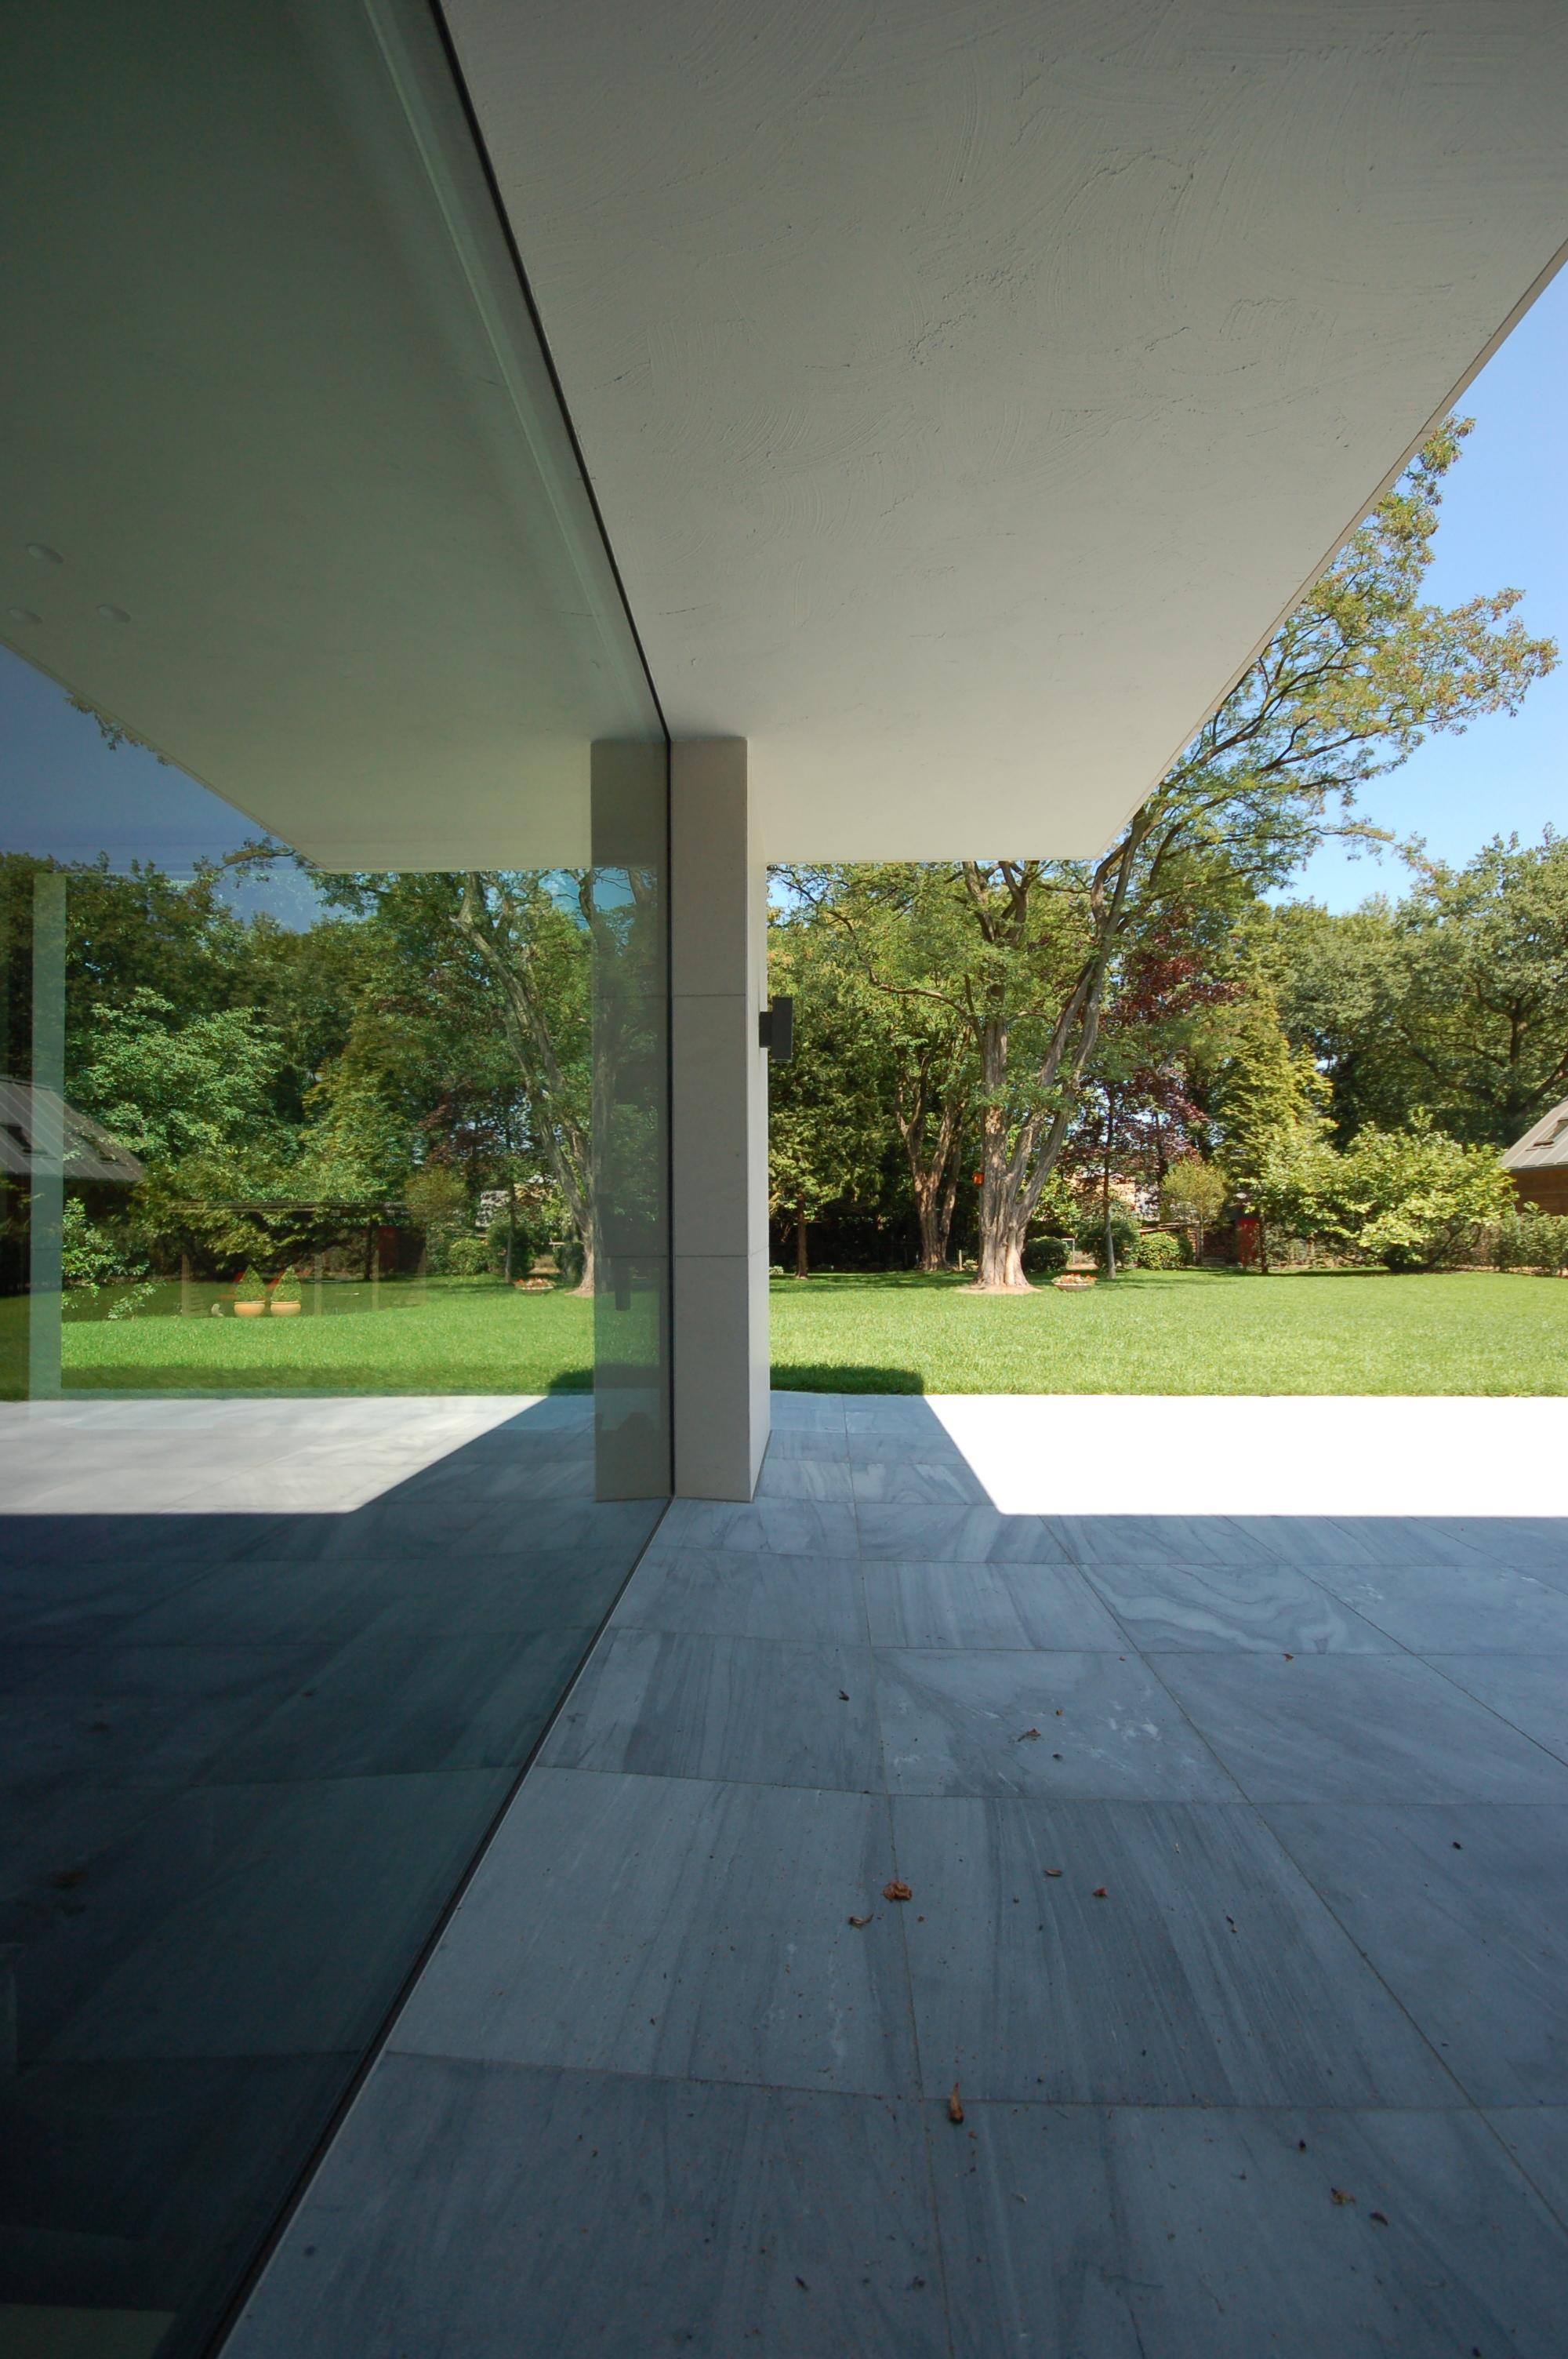 demeestervliegen-architecture-interior-interiorarchitecture-office18.JPG